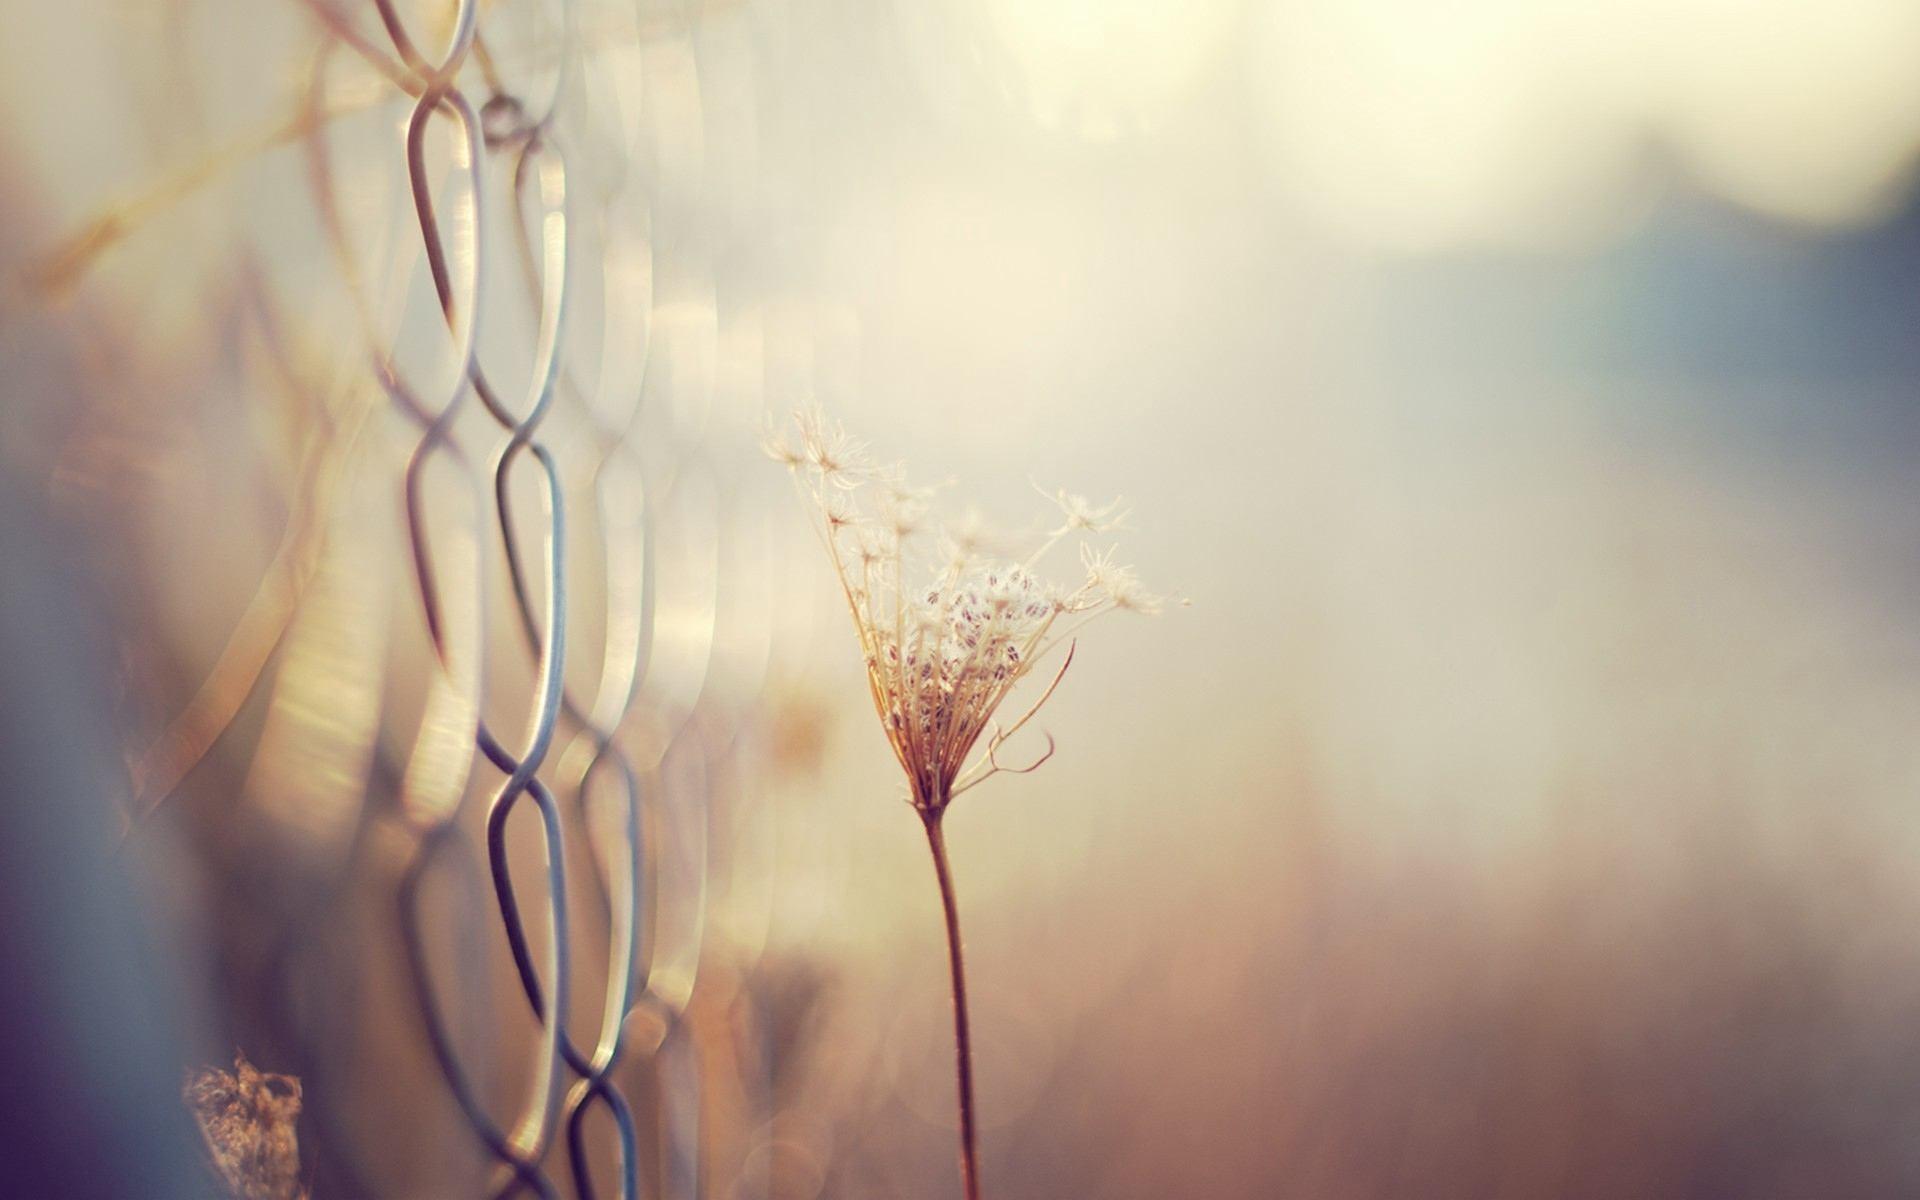 成长意味着失去的说说心情:无论朋友走得多远,我想我也在原点等你